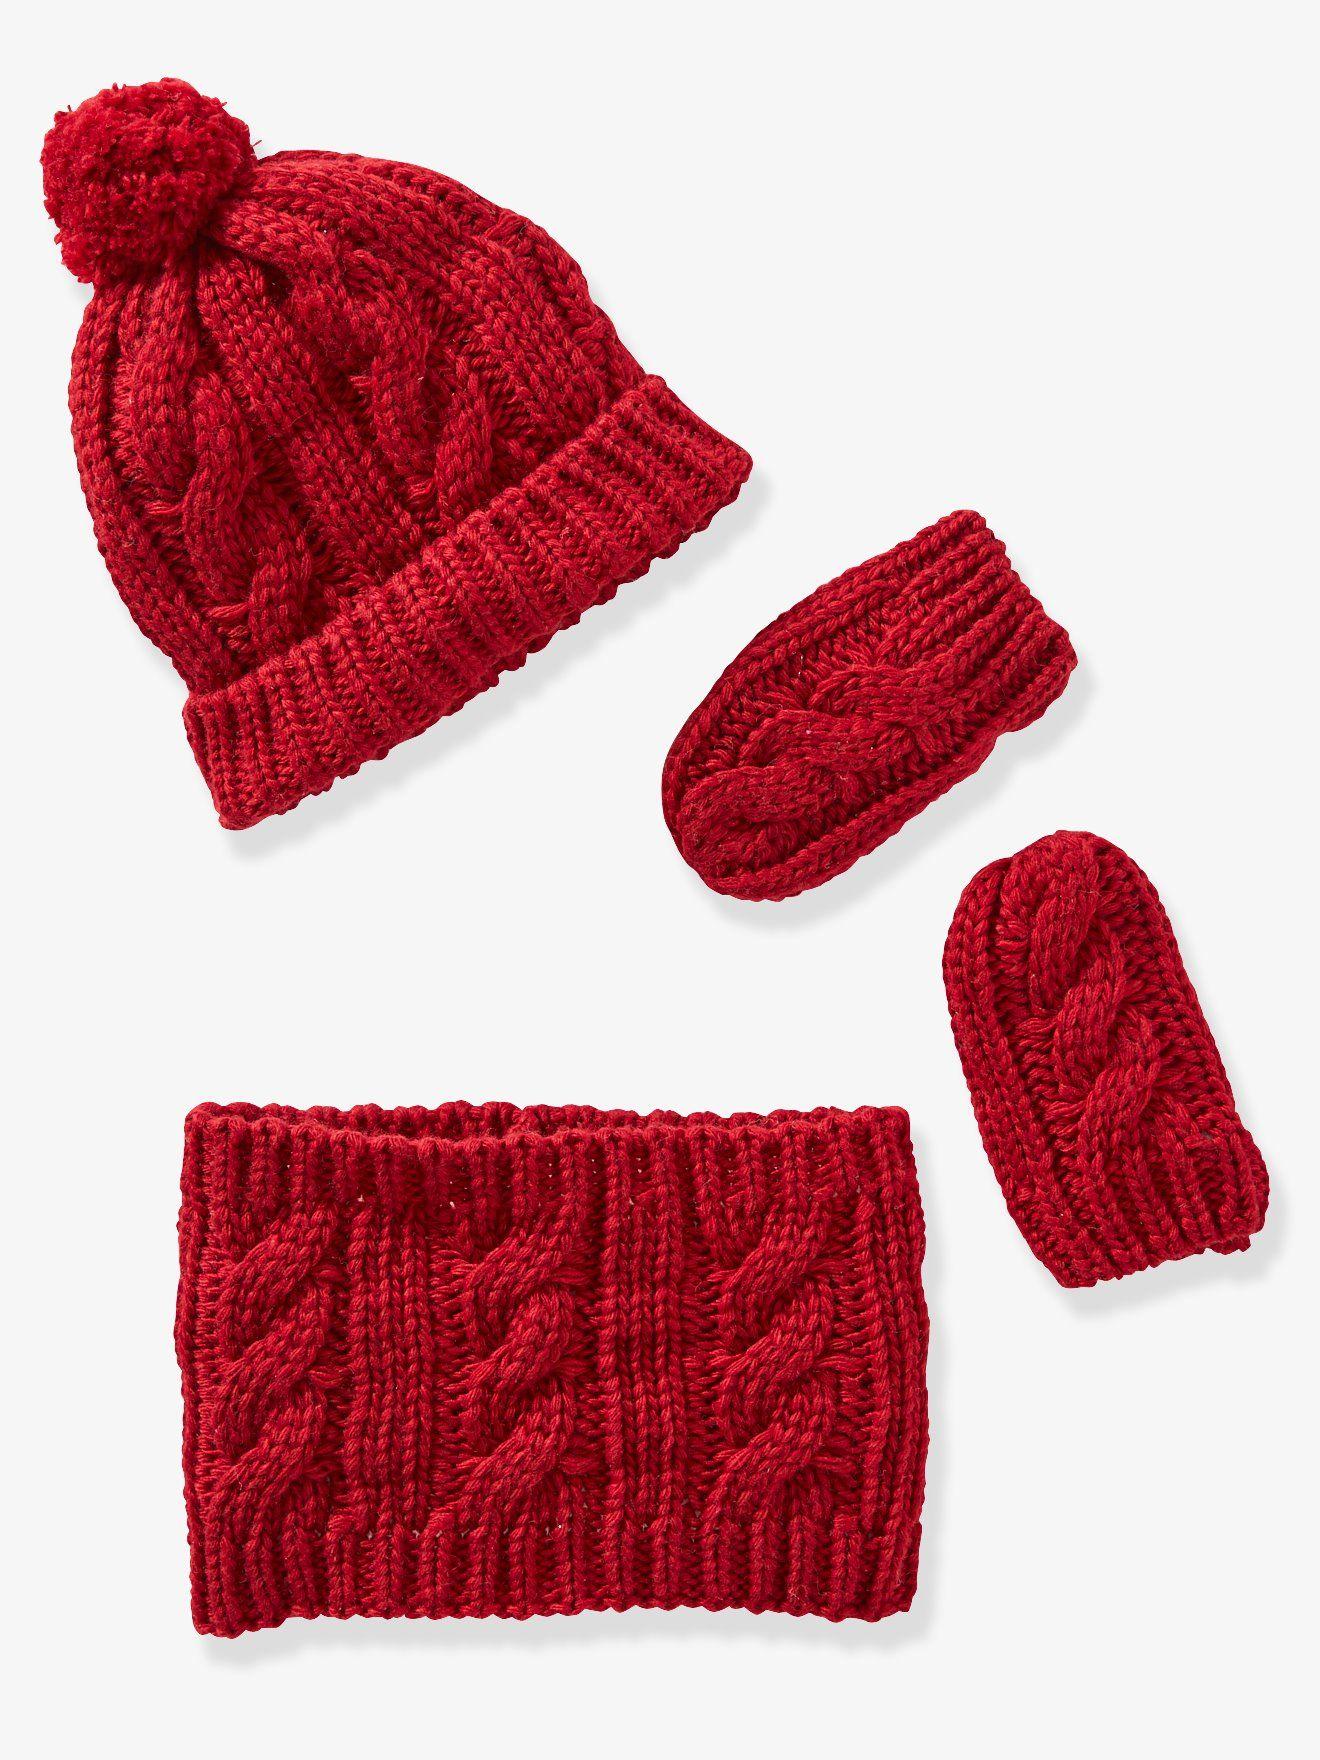 0e6060bddd31 Ensemble bonnet, snood et moufles en tricot bébé framboise - Dans la  famille douceur,